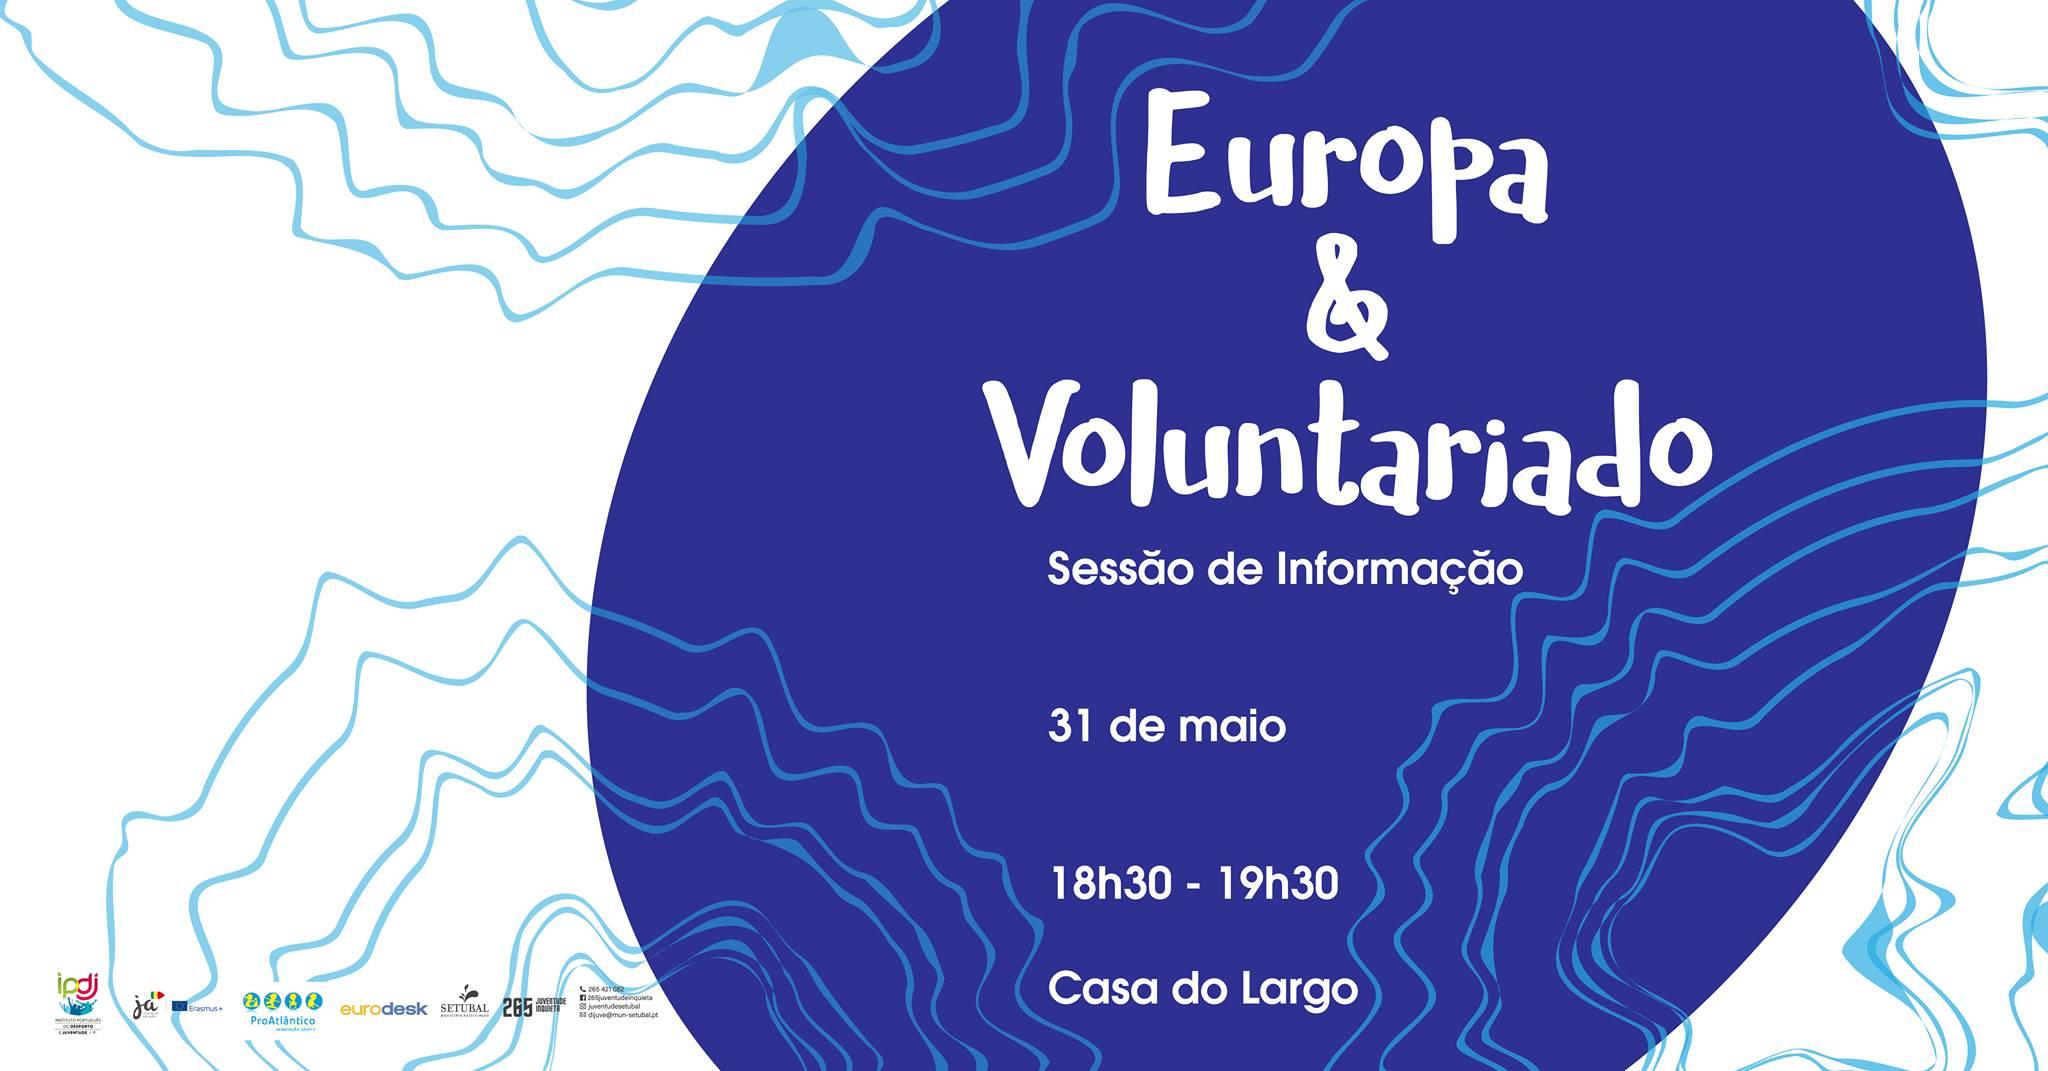 Europa e Voluntariado